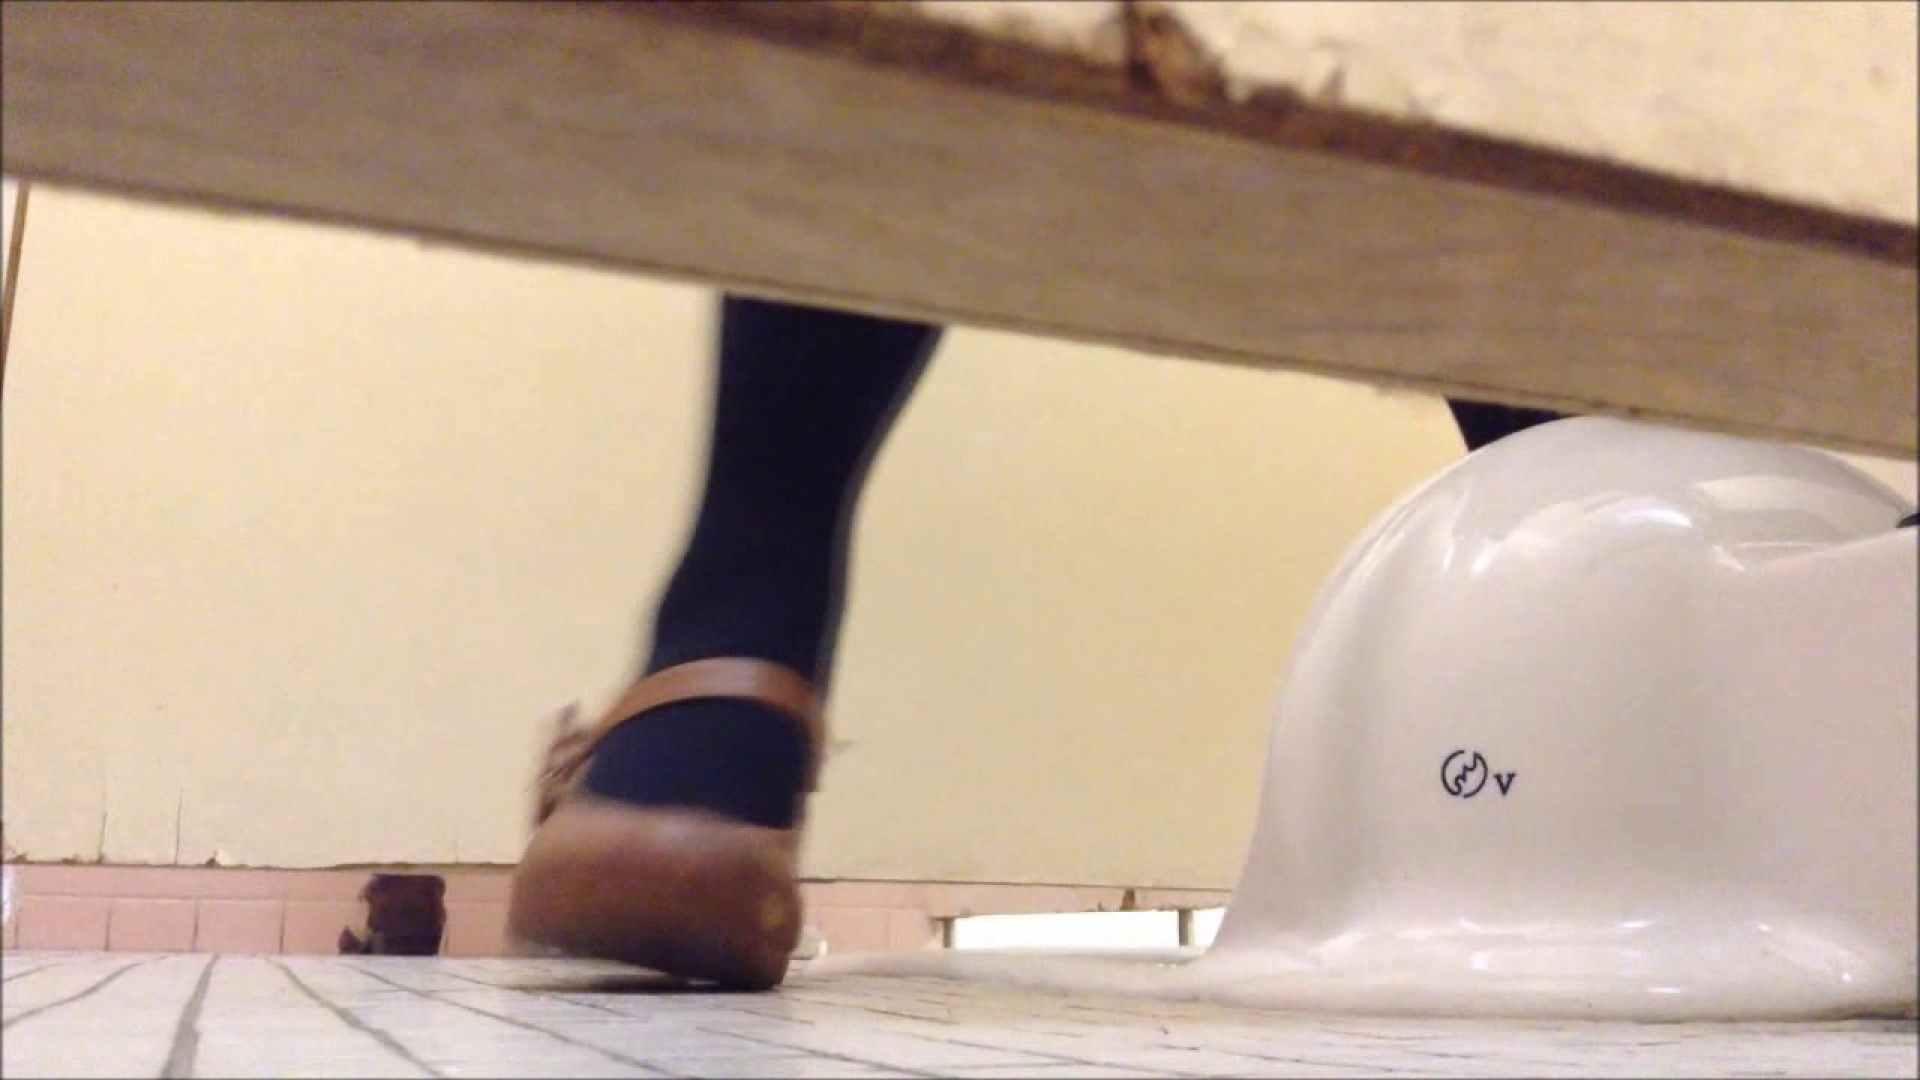 某有名大学女性洗面所 vol.02 お姉さん攻略 オメコ動画キャプチャ 83画像 76